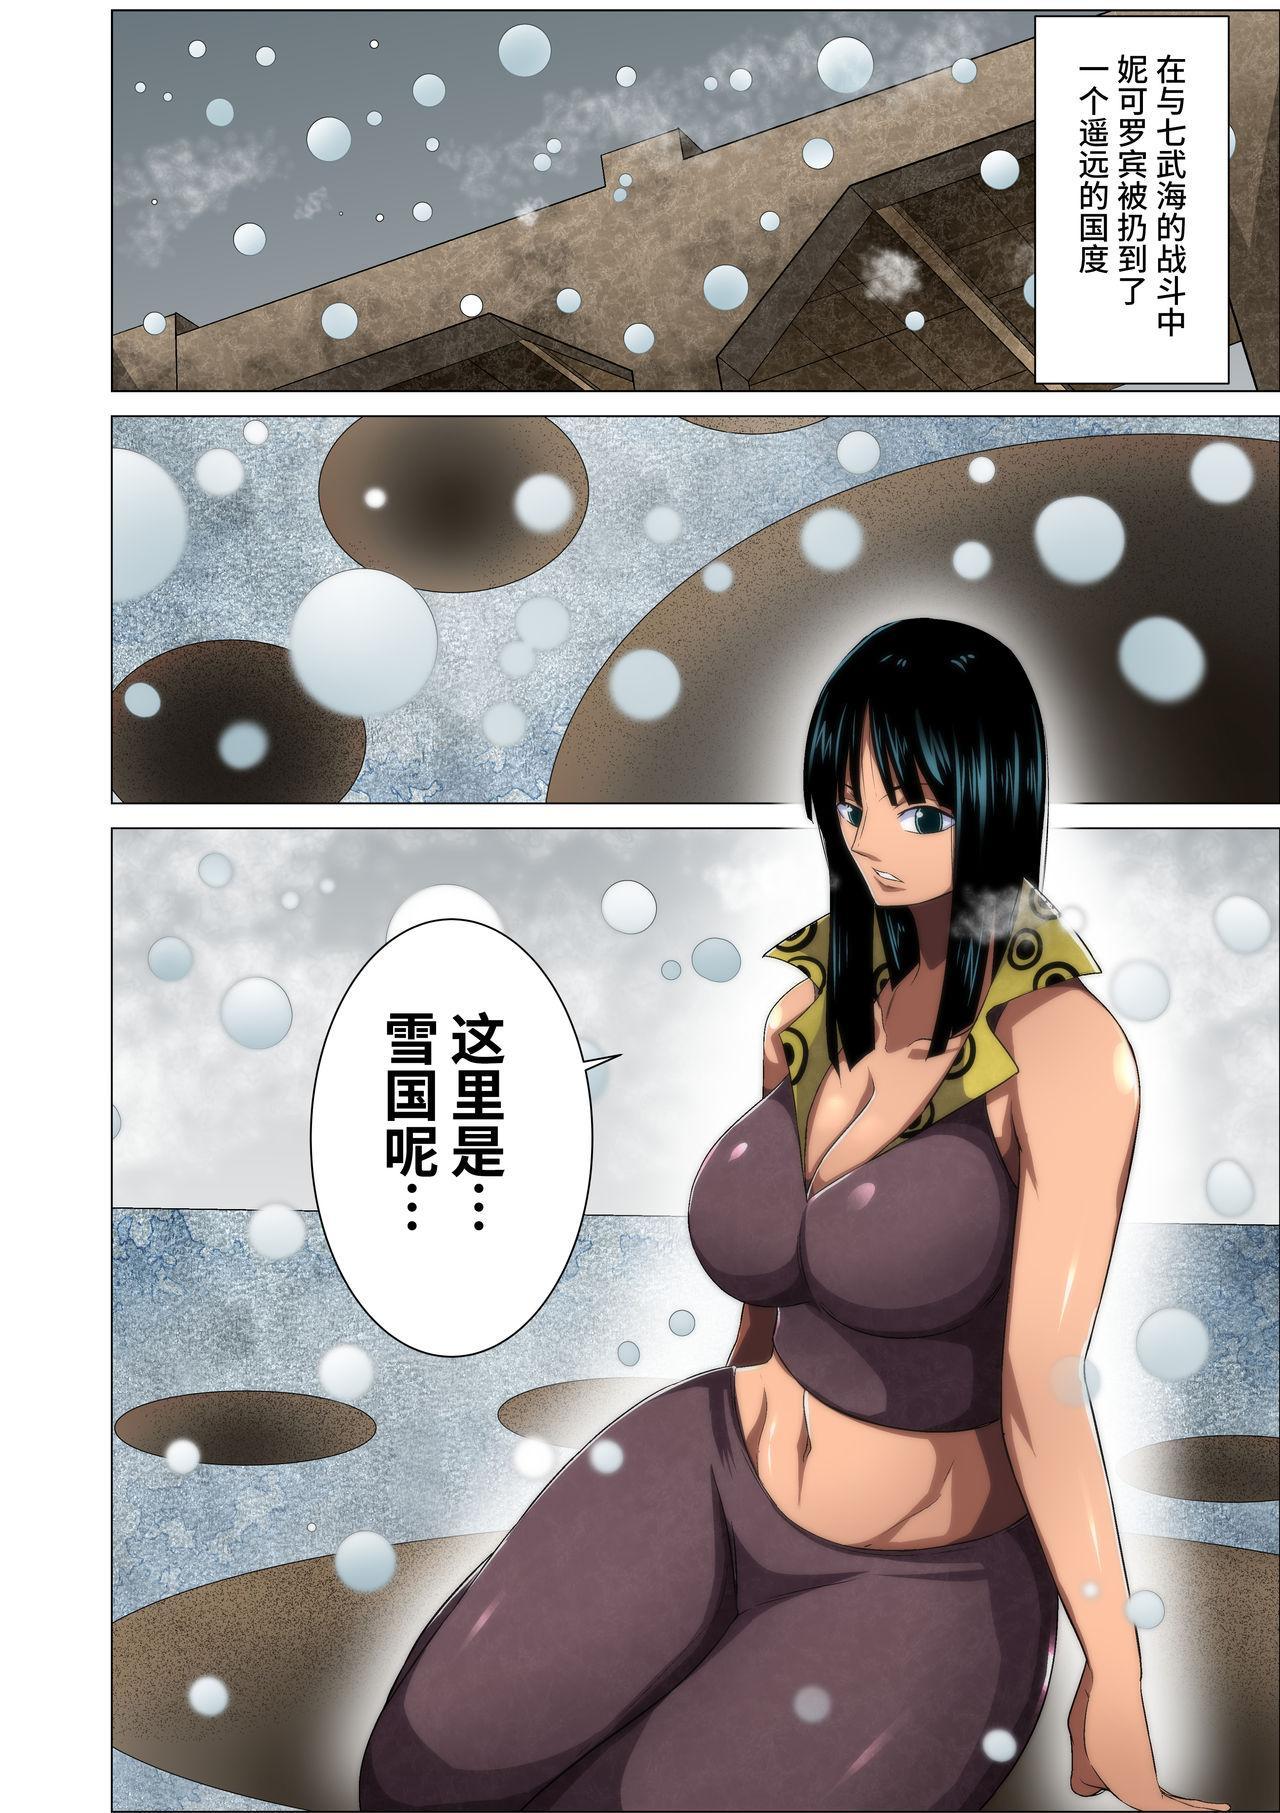 Torawareta Bakunyuu Kaizoku no Matsuro | The Fate Of The Captured Big Breasted Pirate 1